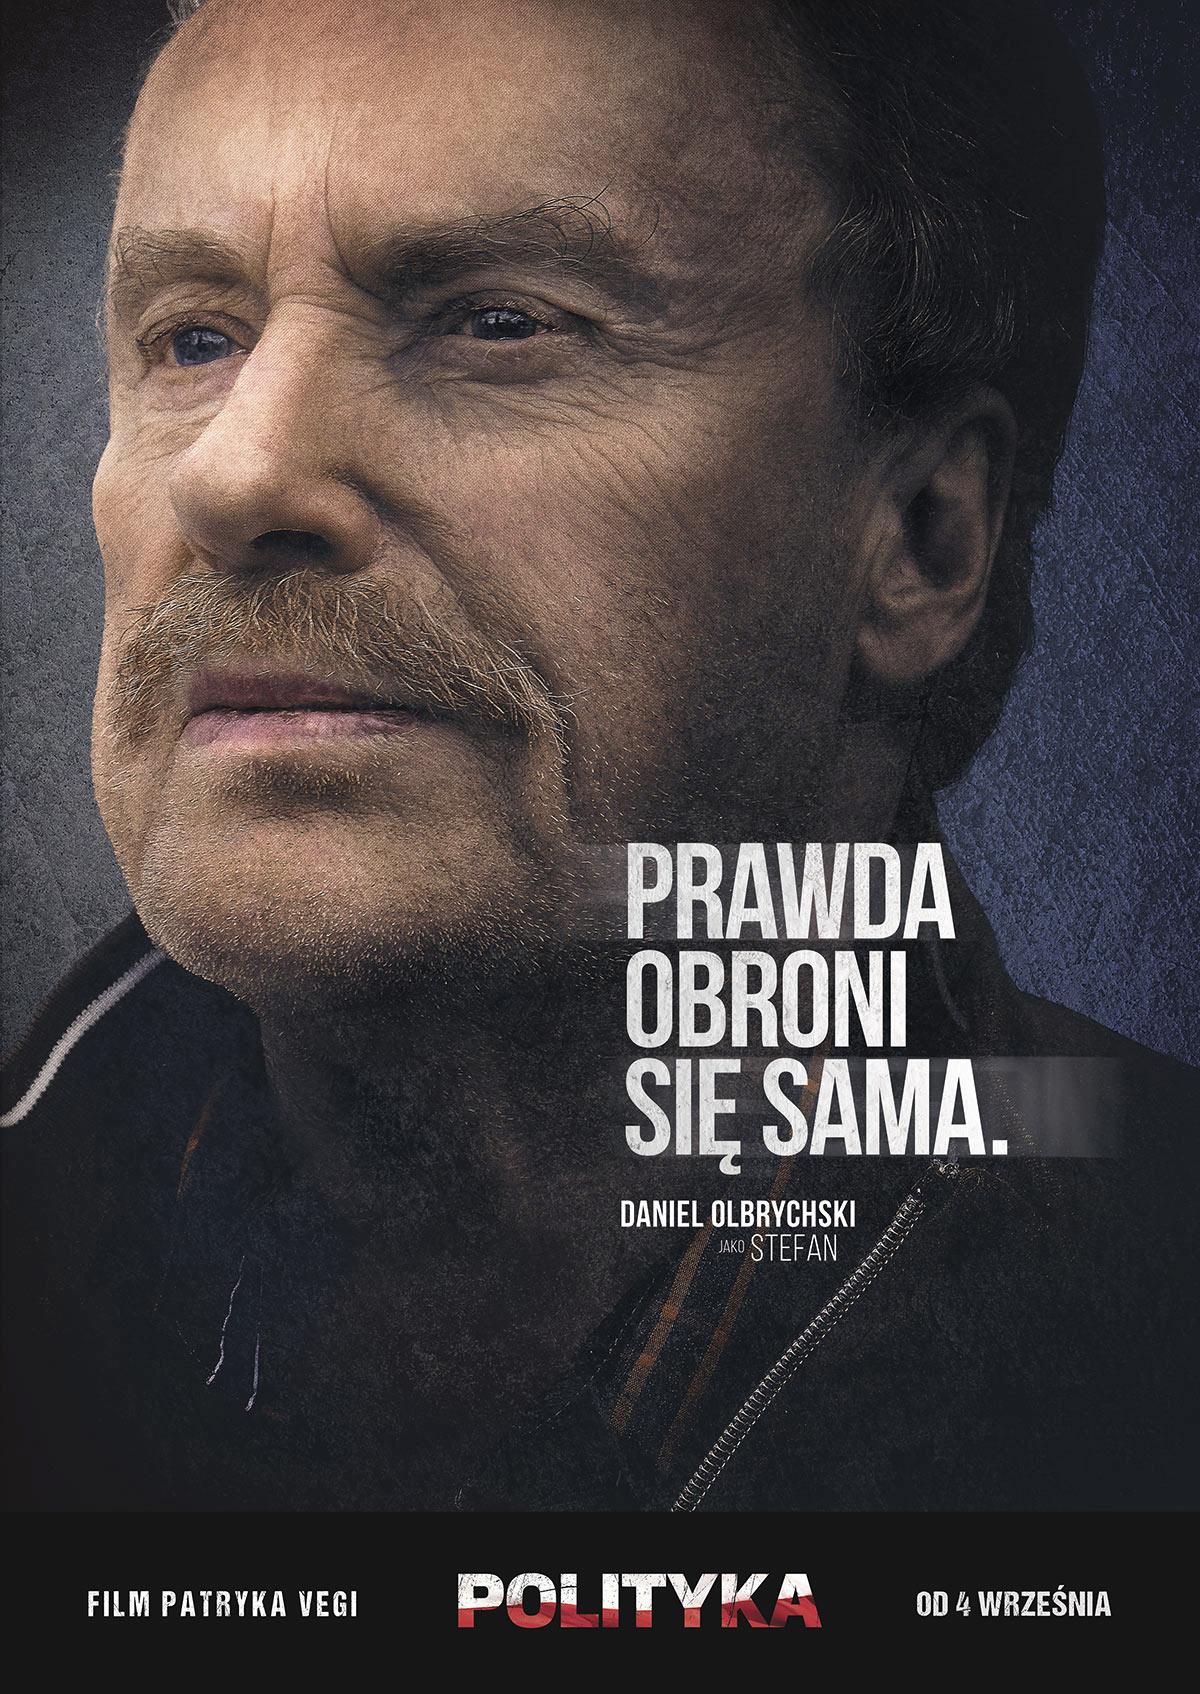 Polityka Film